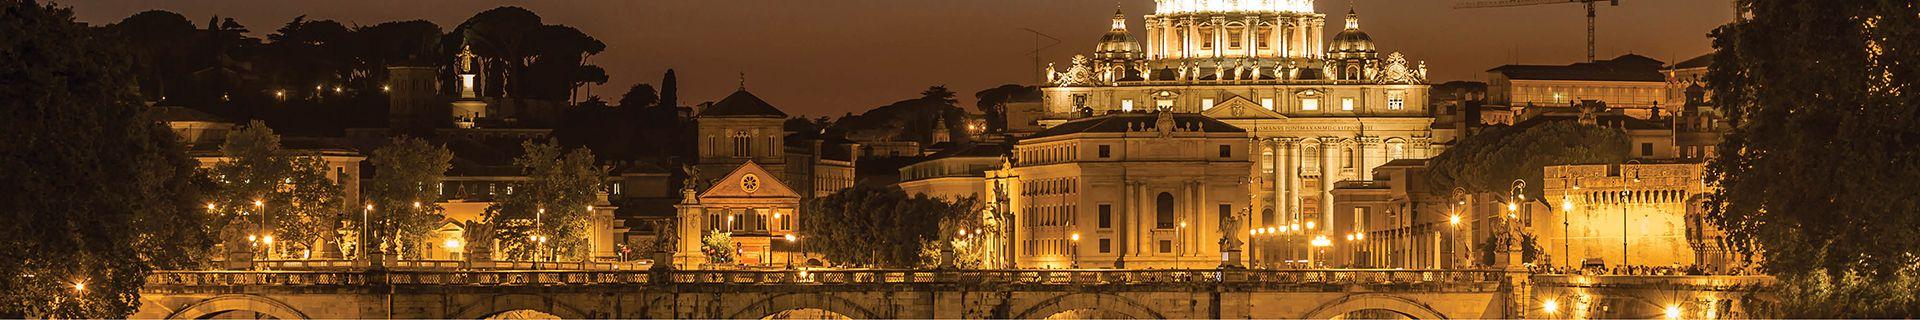 Scenic view of Italian city